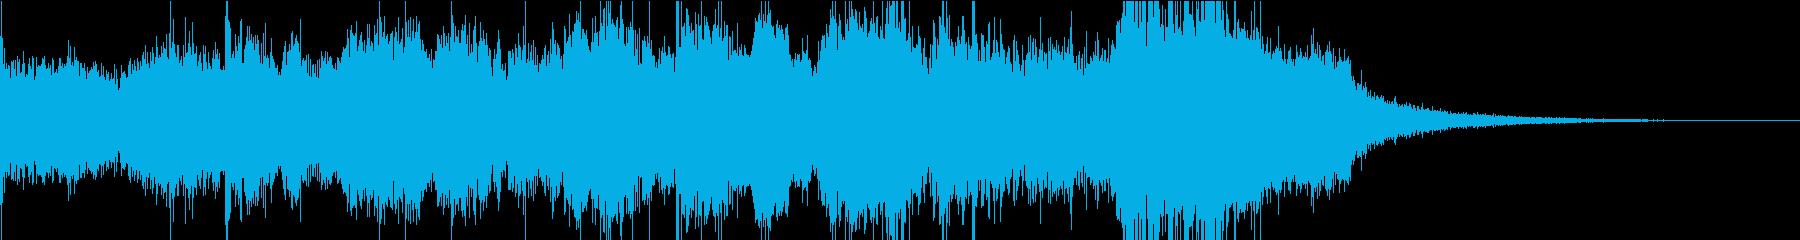 壮大で迫力のあるオーケストラジングルの再生済みの波形